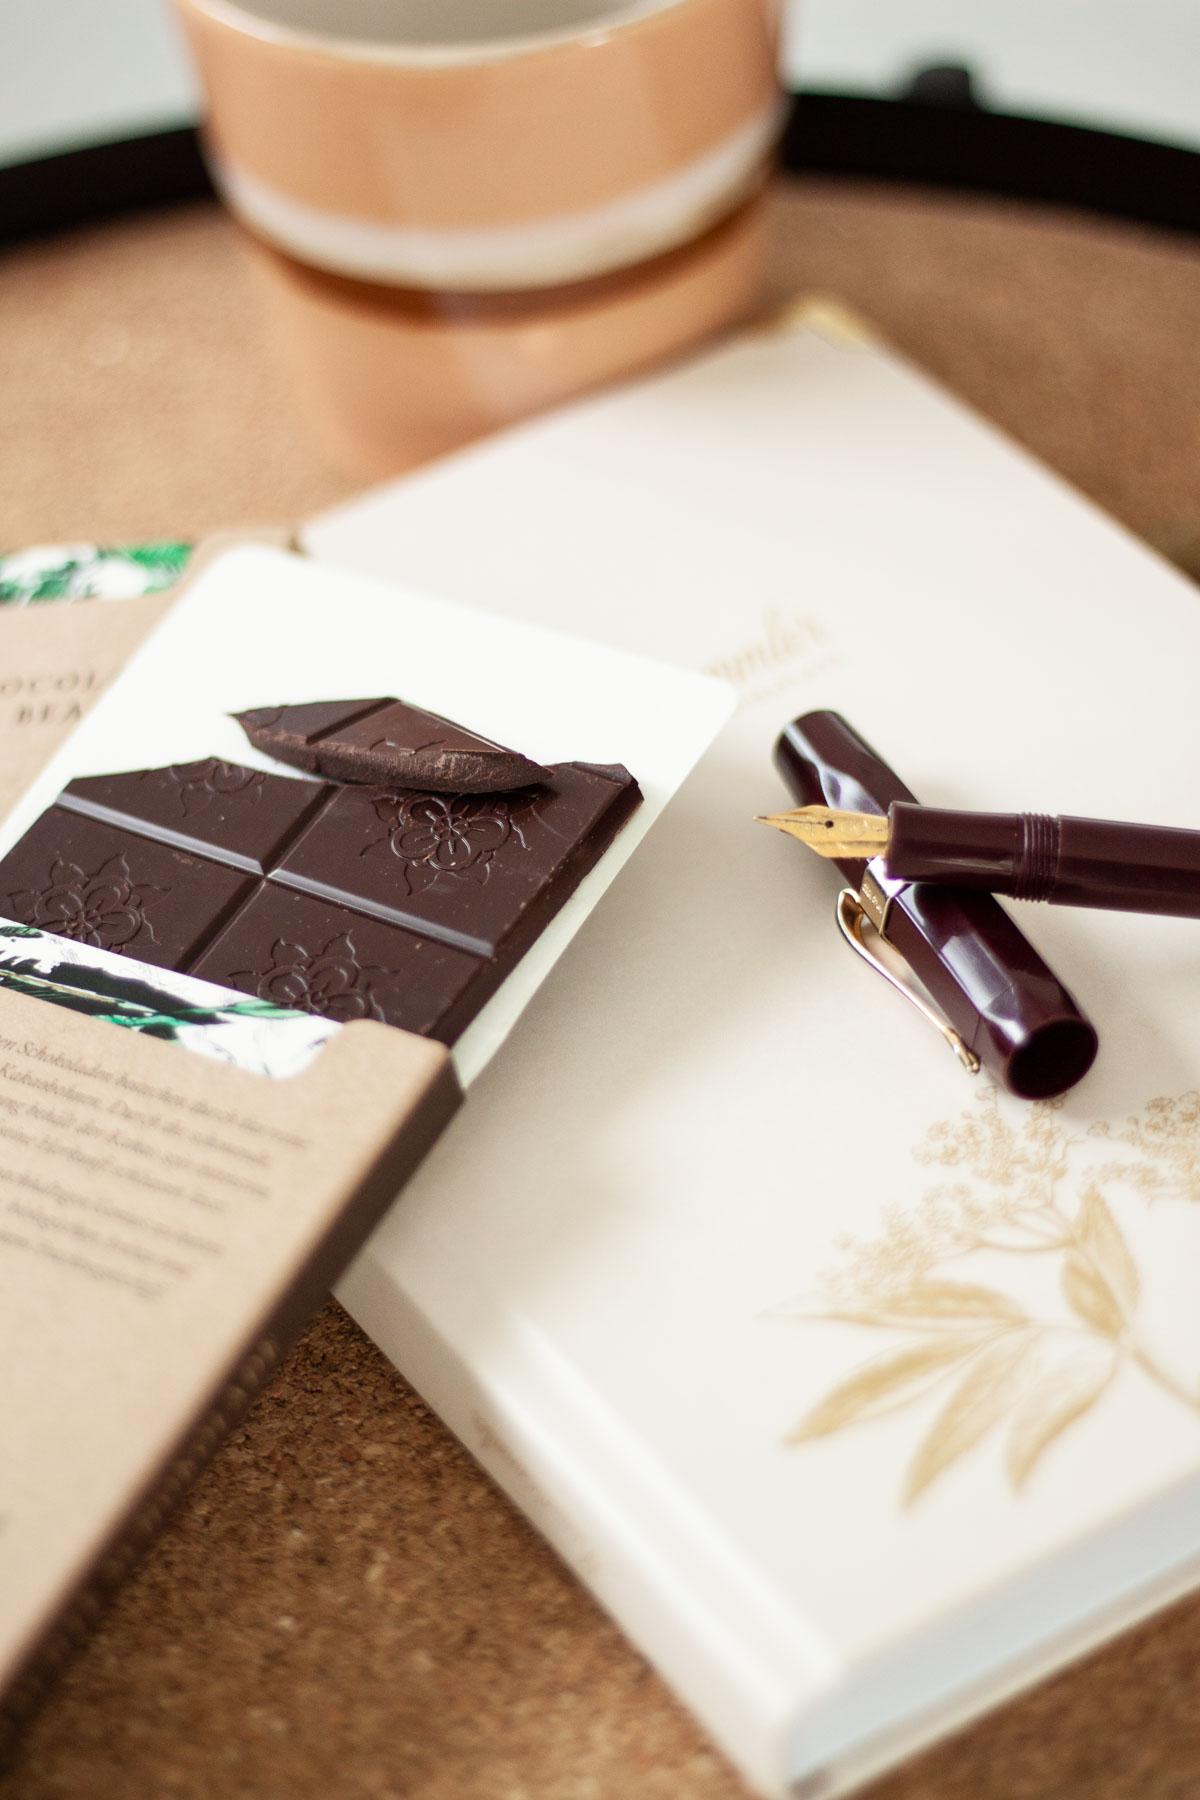 Nachhaltige Schokolade und Tagebuch: Journaling Weihnachtsgeschenk Idee